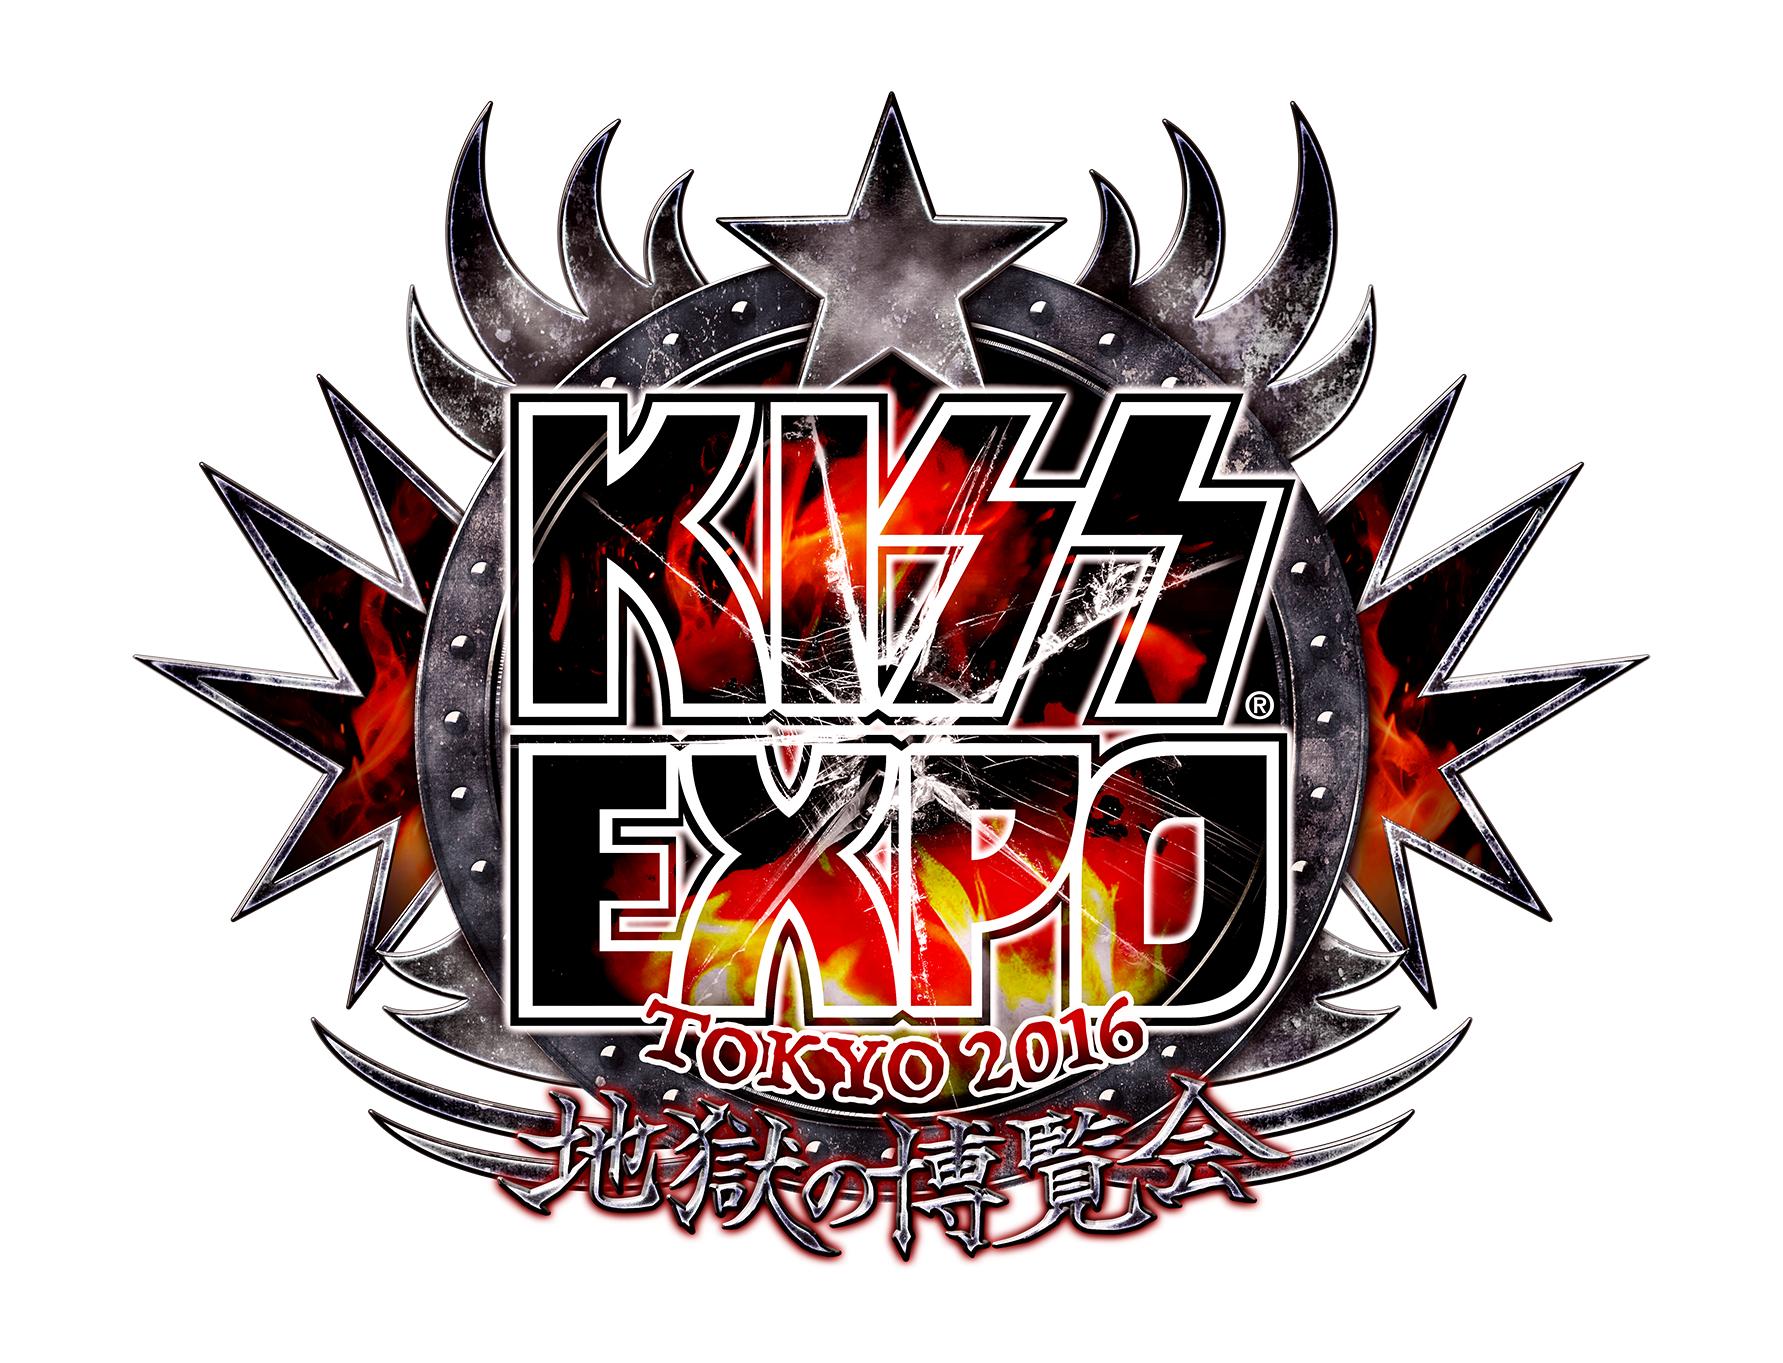 『KISS EXPO TOKYO 2016』ロゴ